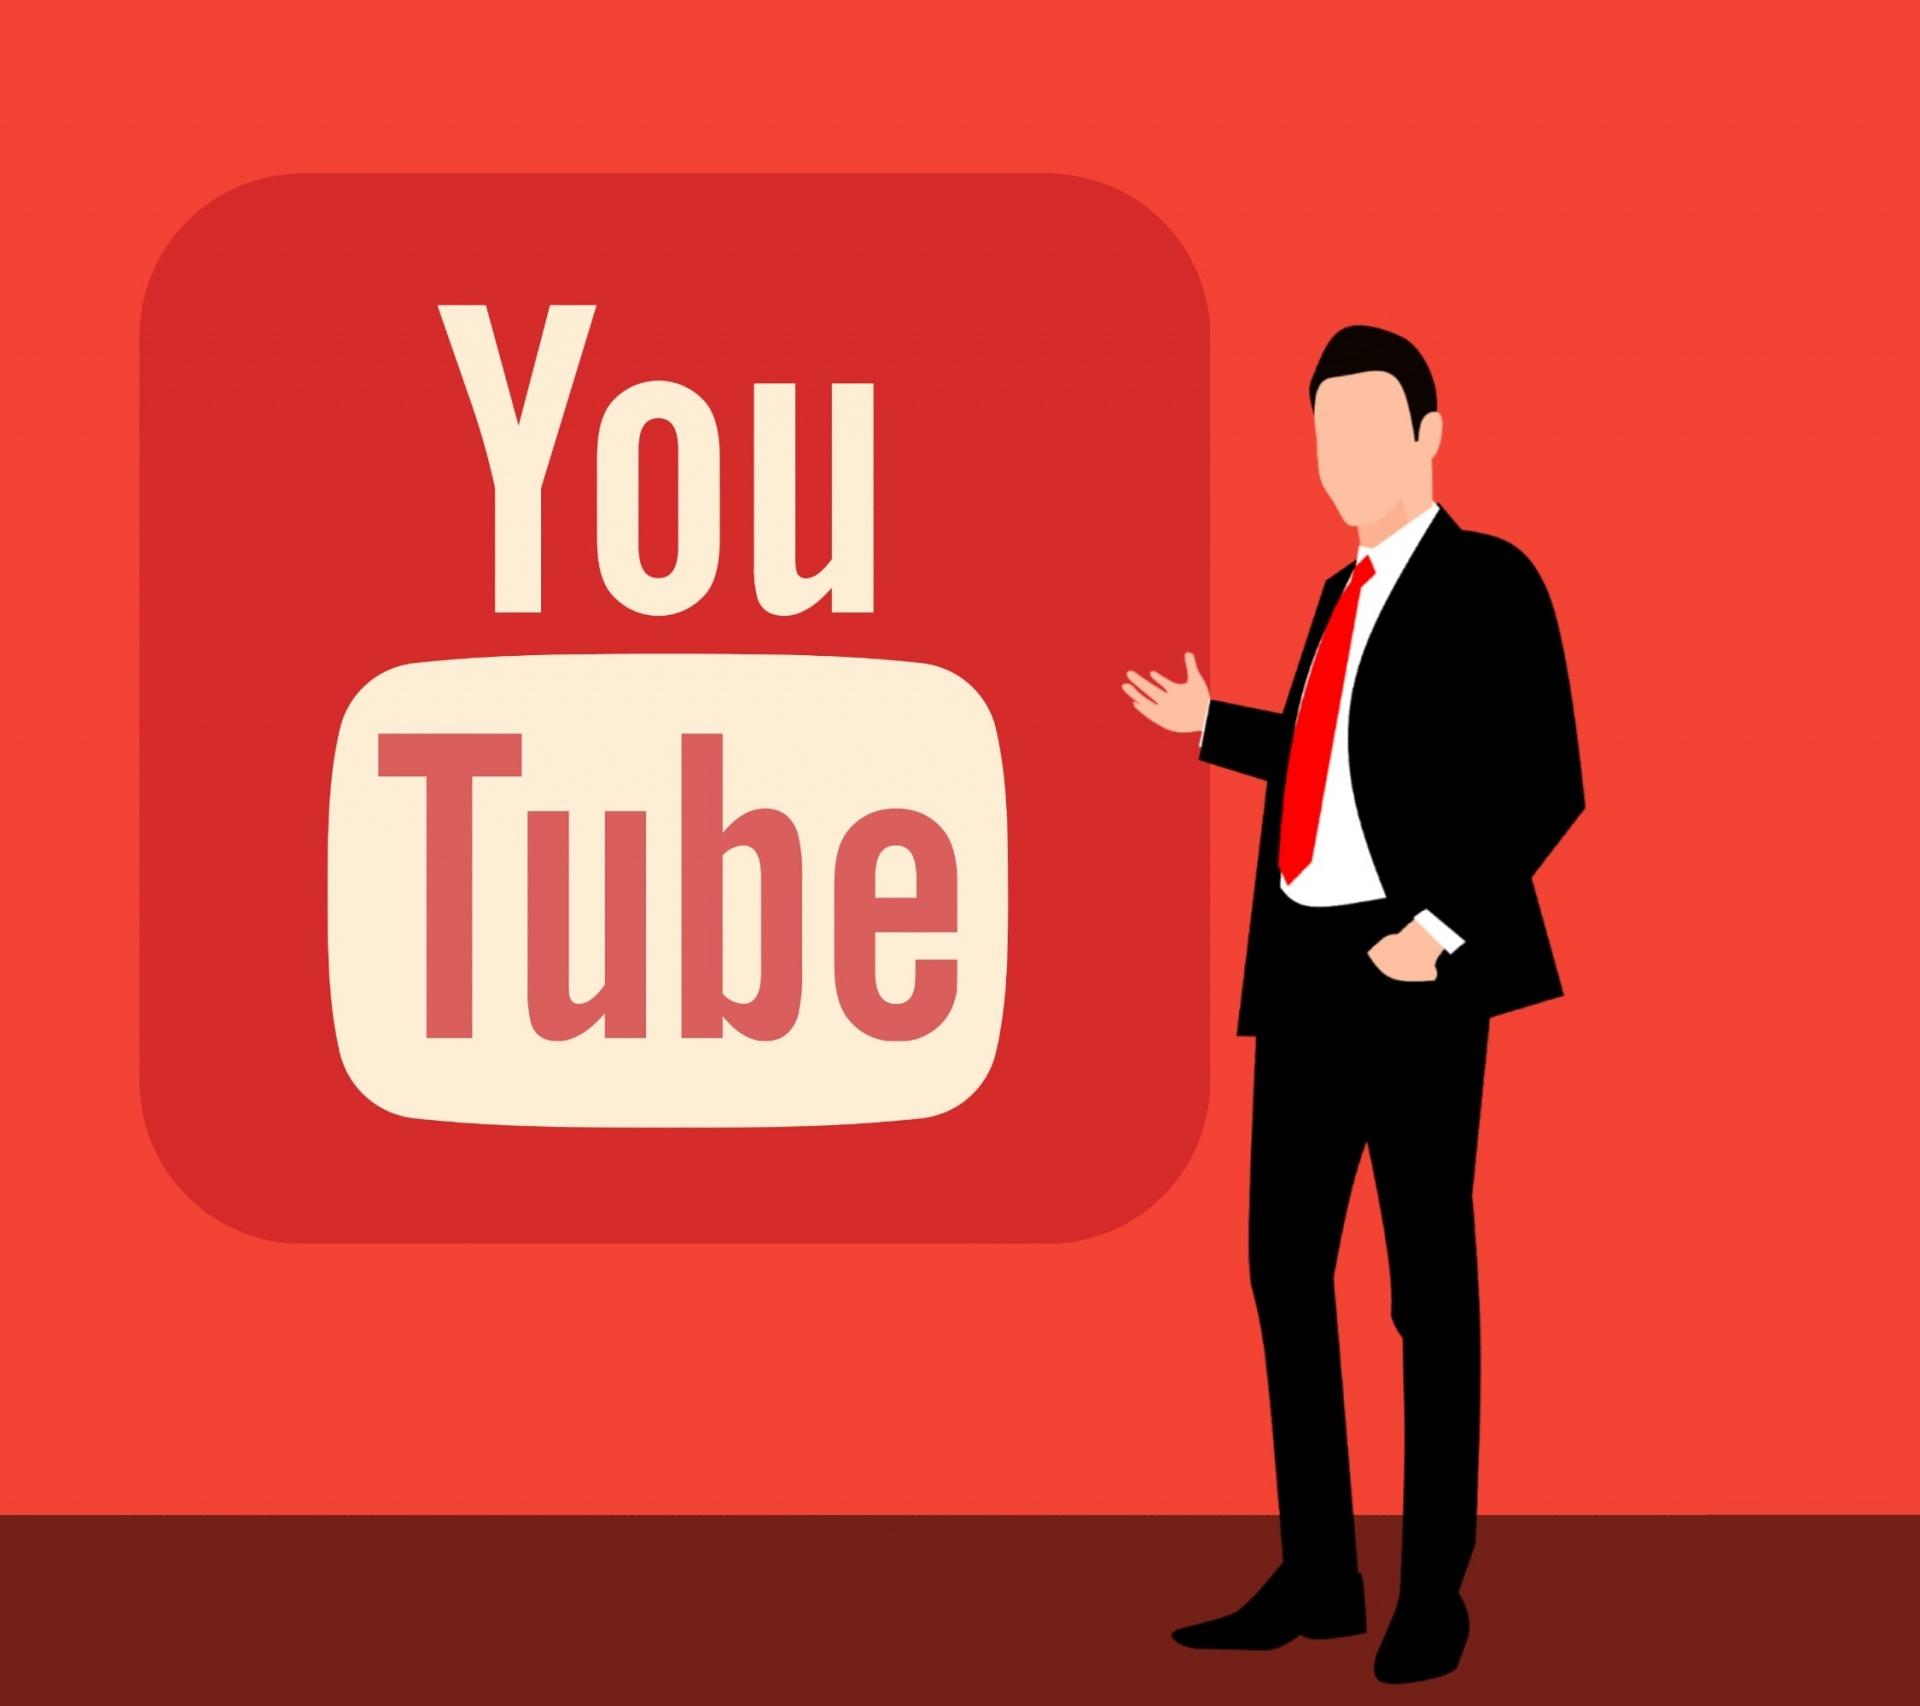 youtube-icon-logo-youtube-social-15319354400Eb